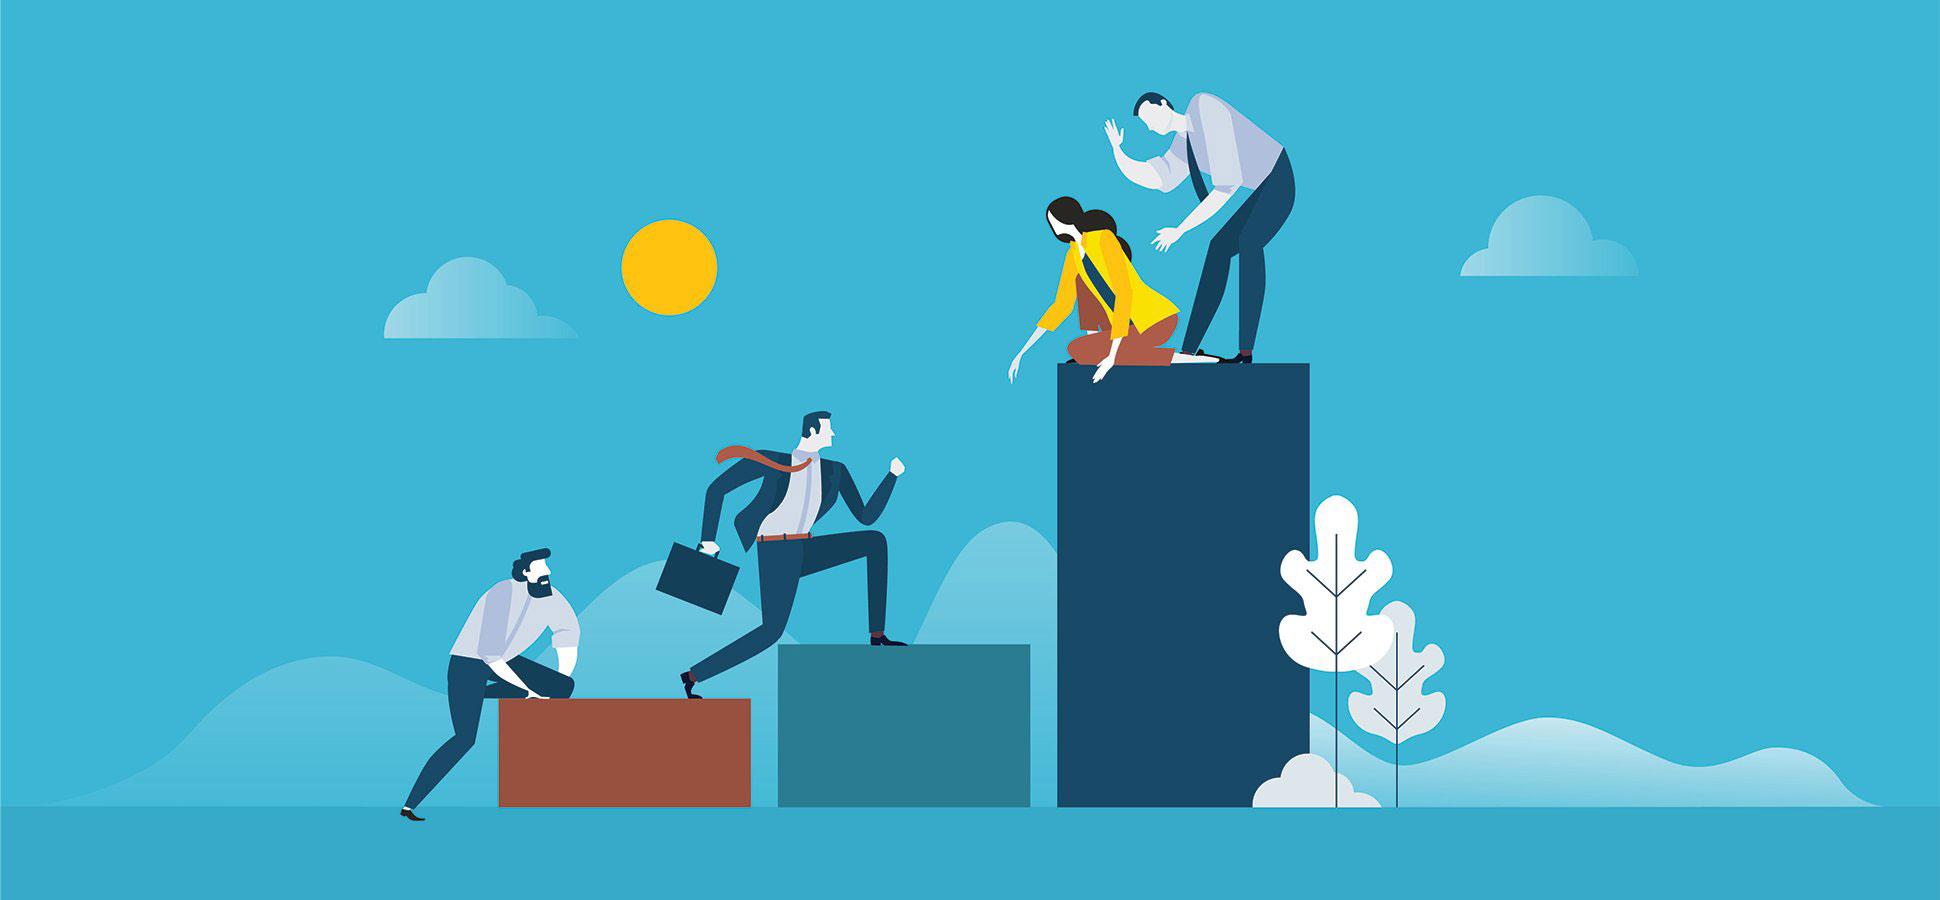 Kỹ năng lãnh đạo là gì? Những yếu tố tác động và cách cải thiện kỹ năng lãnh  đạo   Phần Mềm ATP